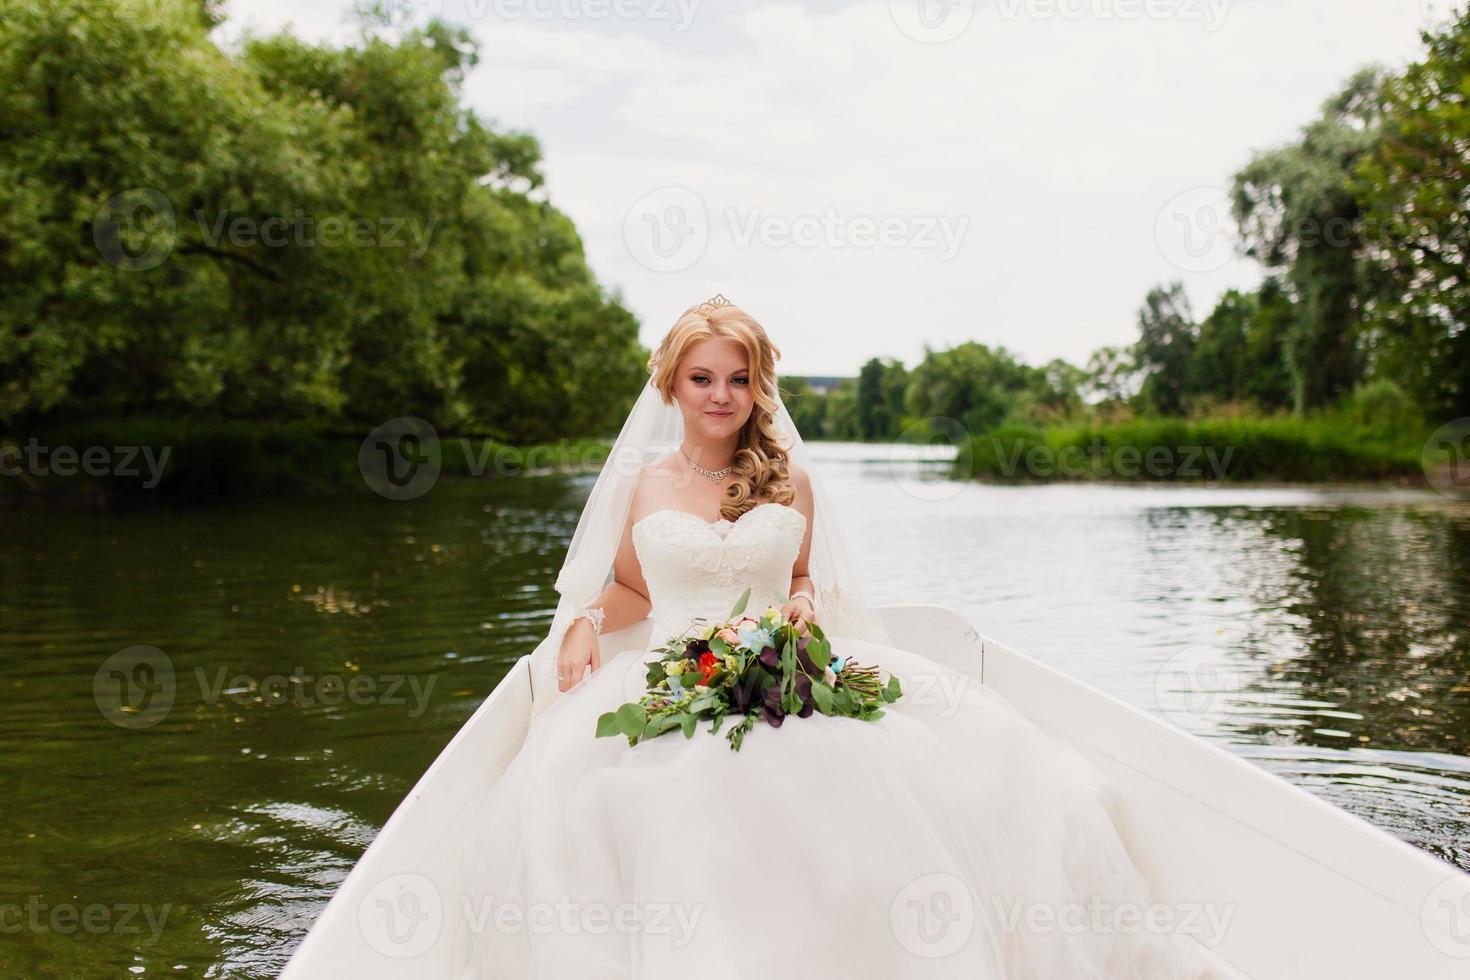 Braut in einem weißen Boot auf dem See foto